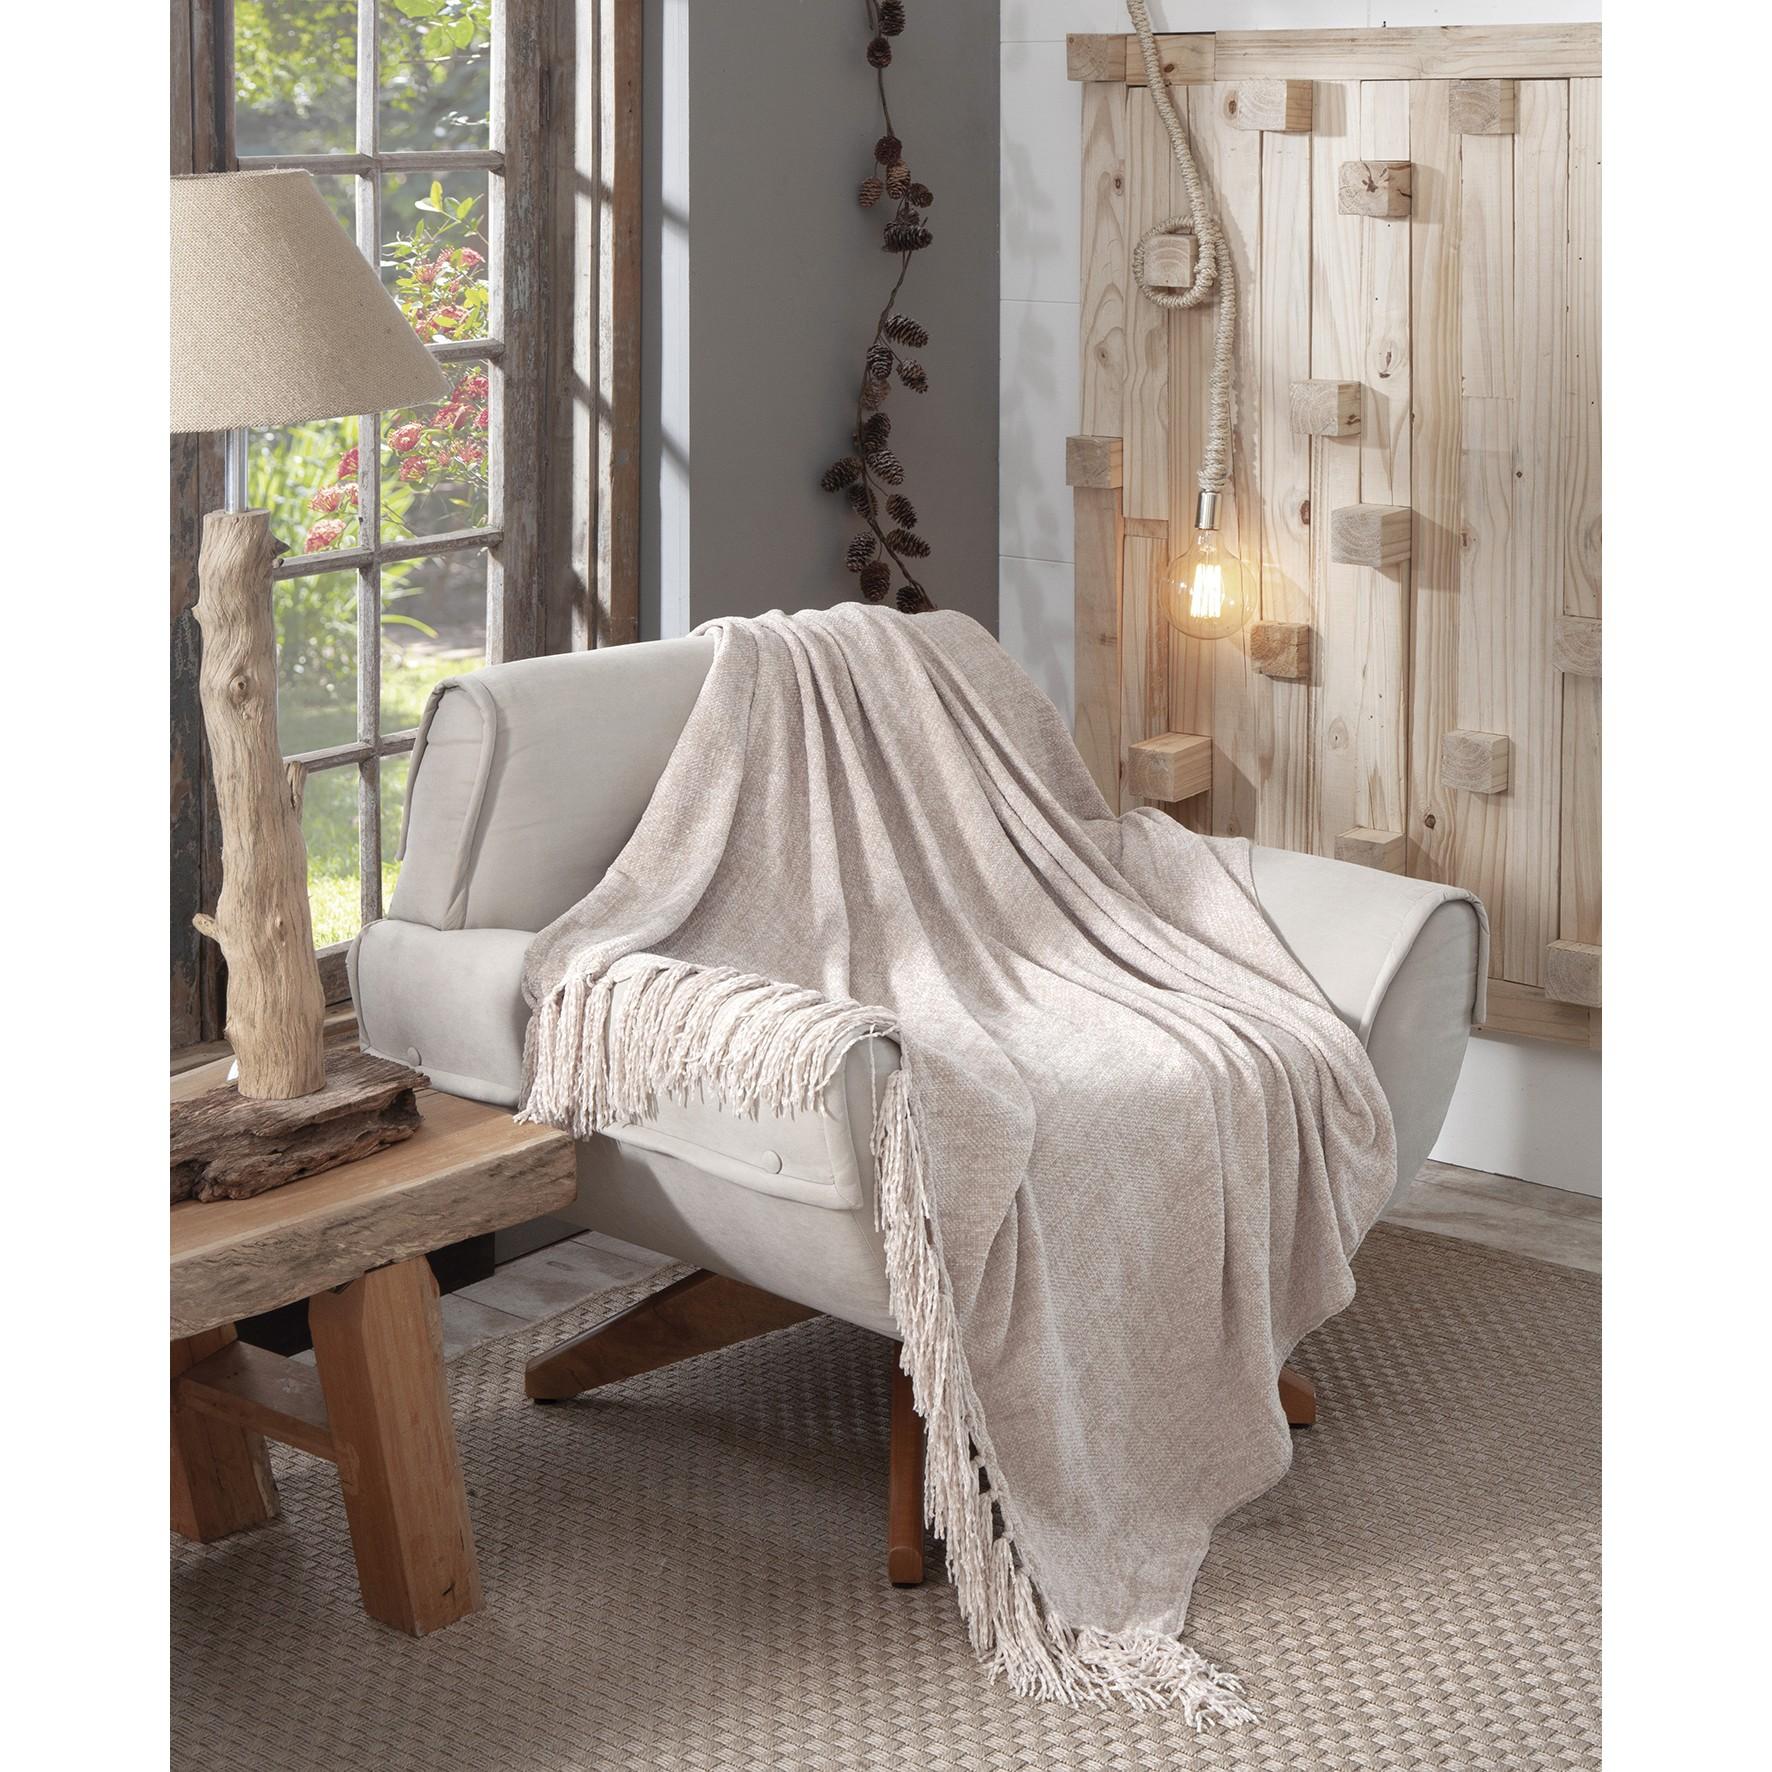 Manta para Sofa 130x150 cm Bege B9136 - Jolitex